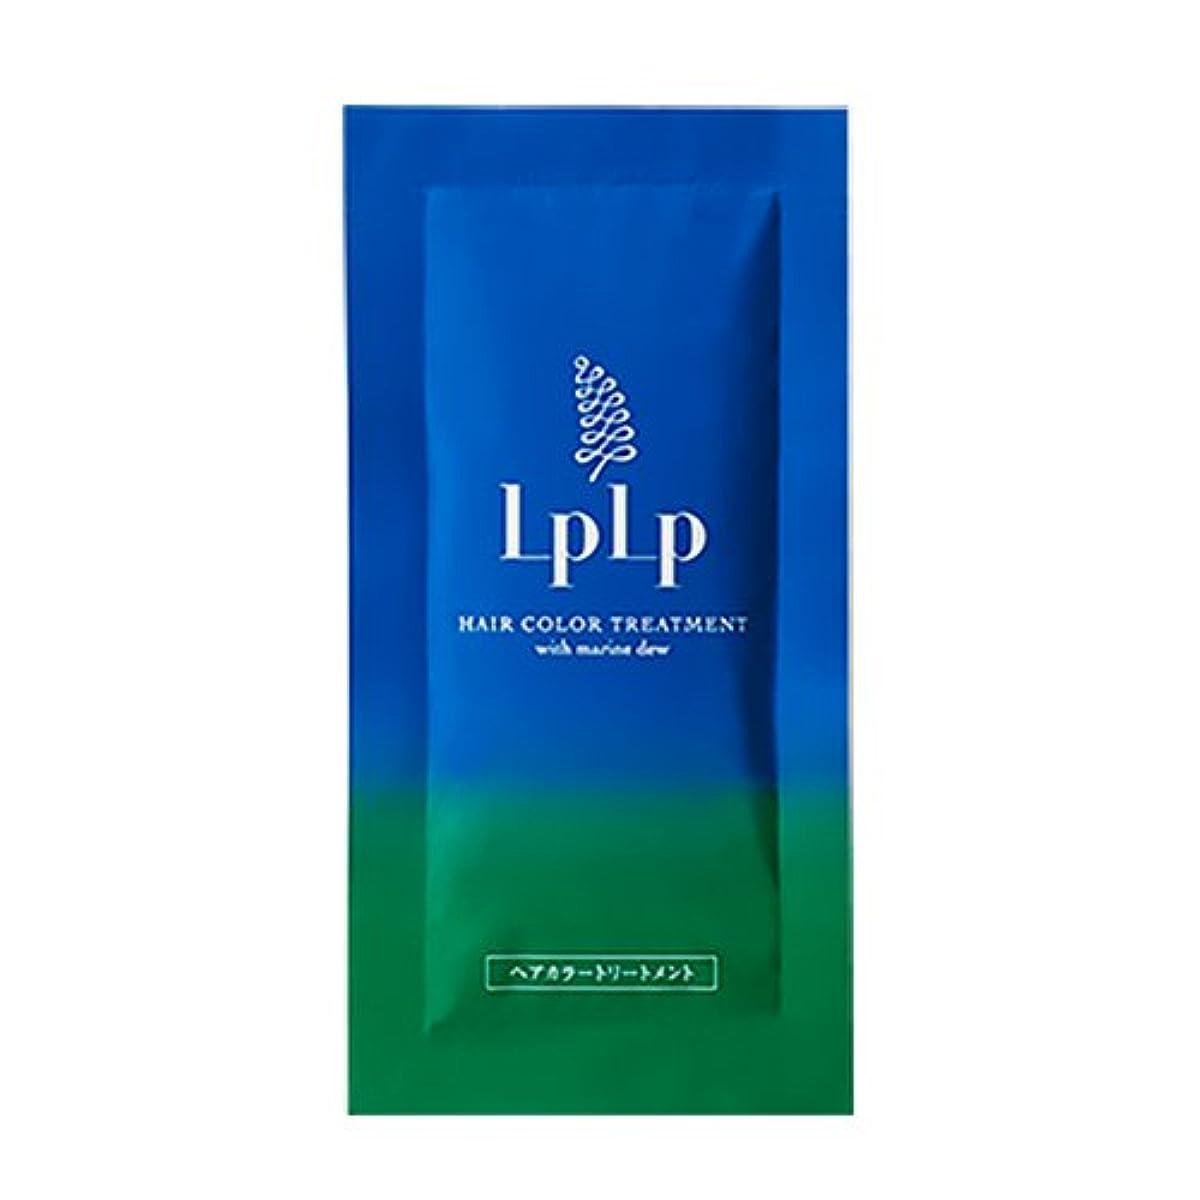 教授小説家ピルLPLP(ルプルプ)ヘアカラートリートメントお試しパウチ ソフトブラック